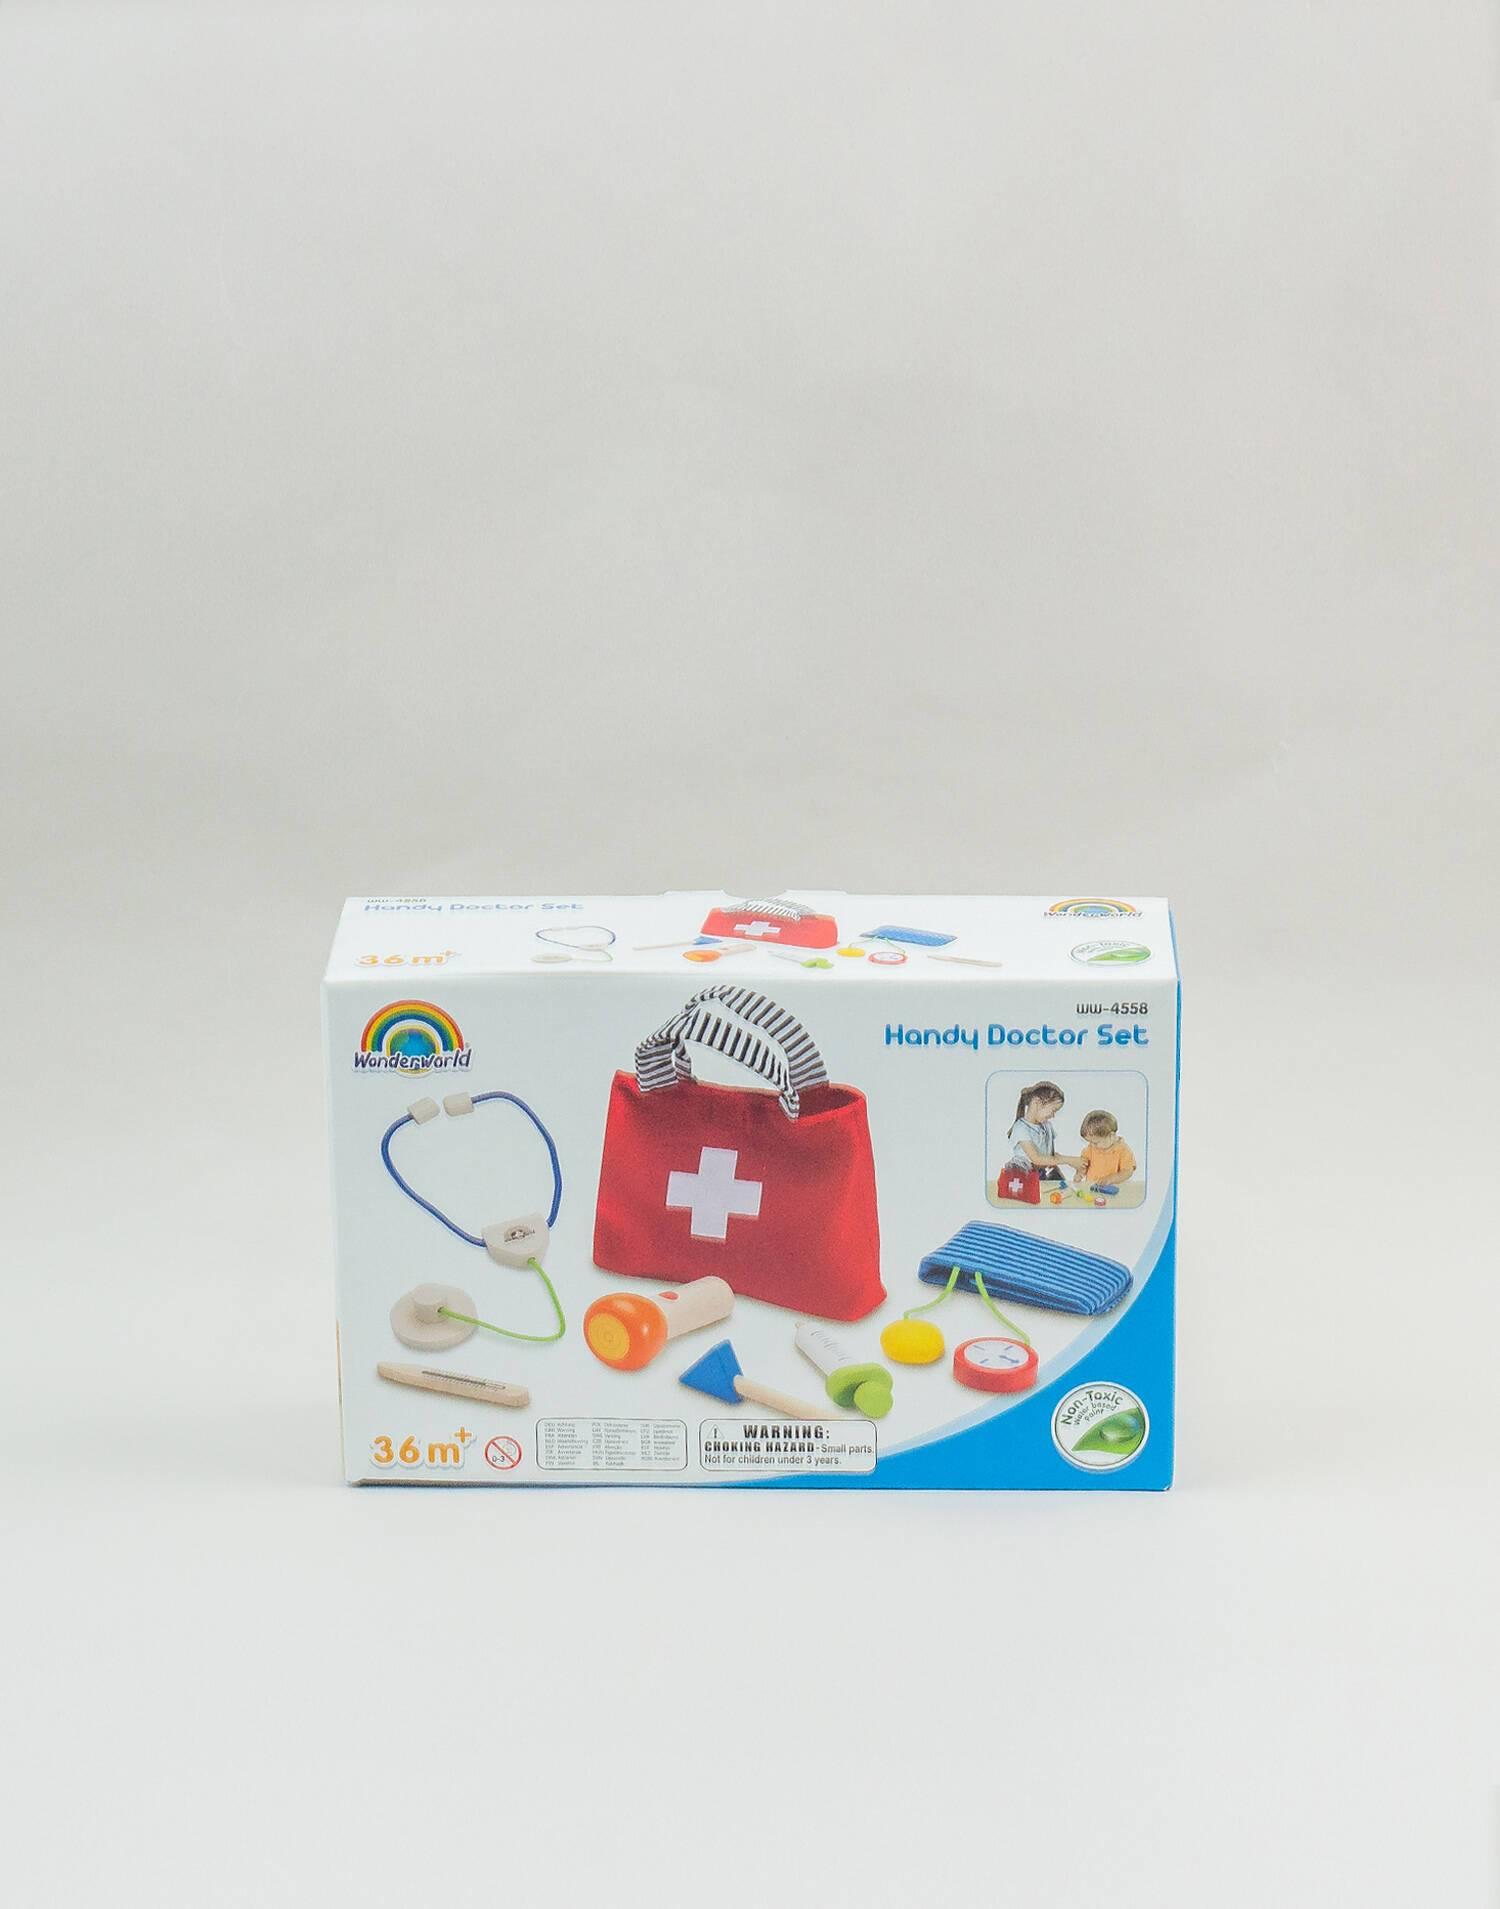 Handy doctor set